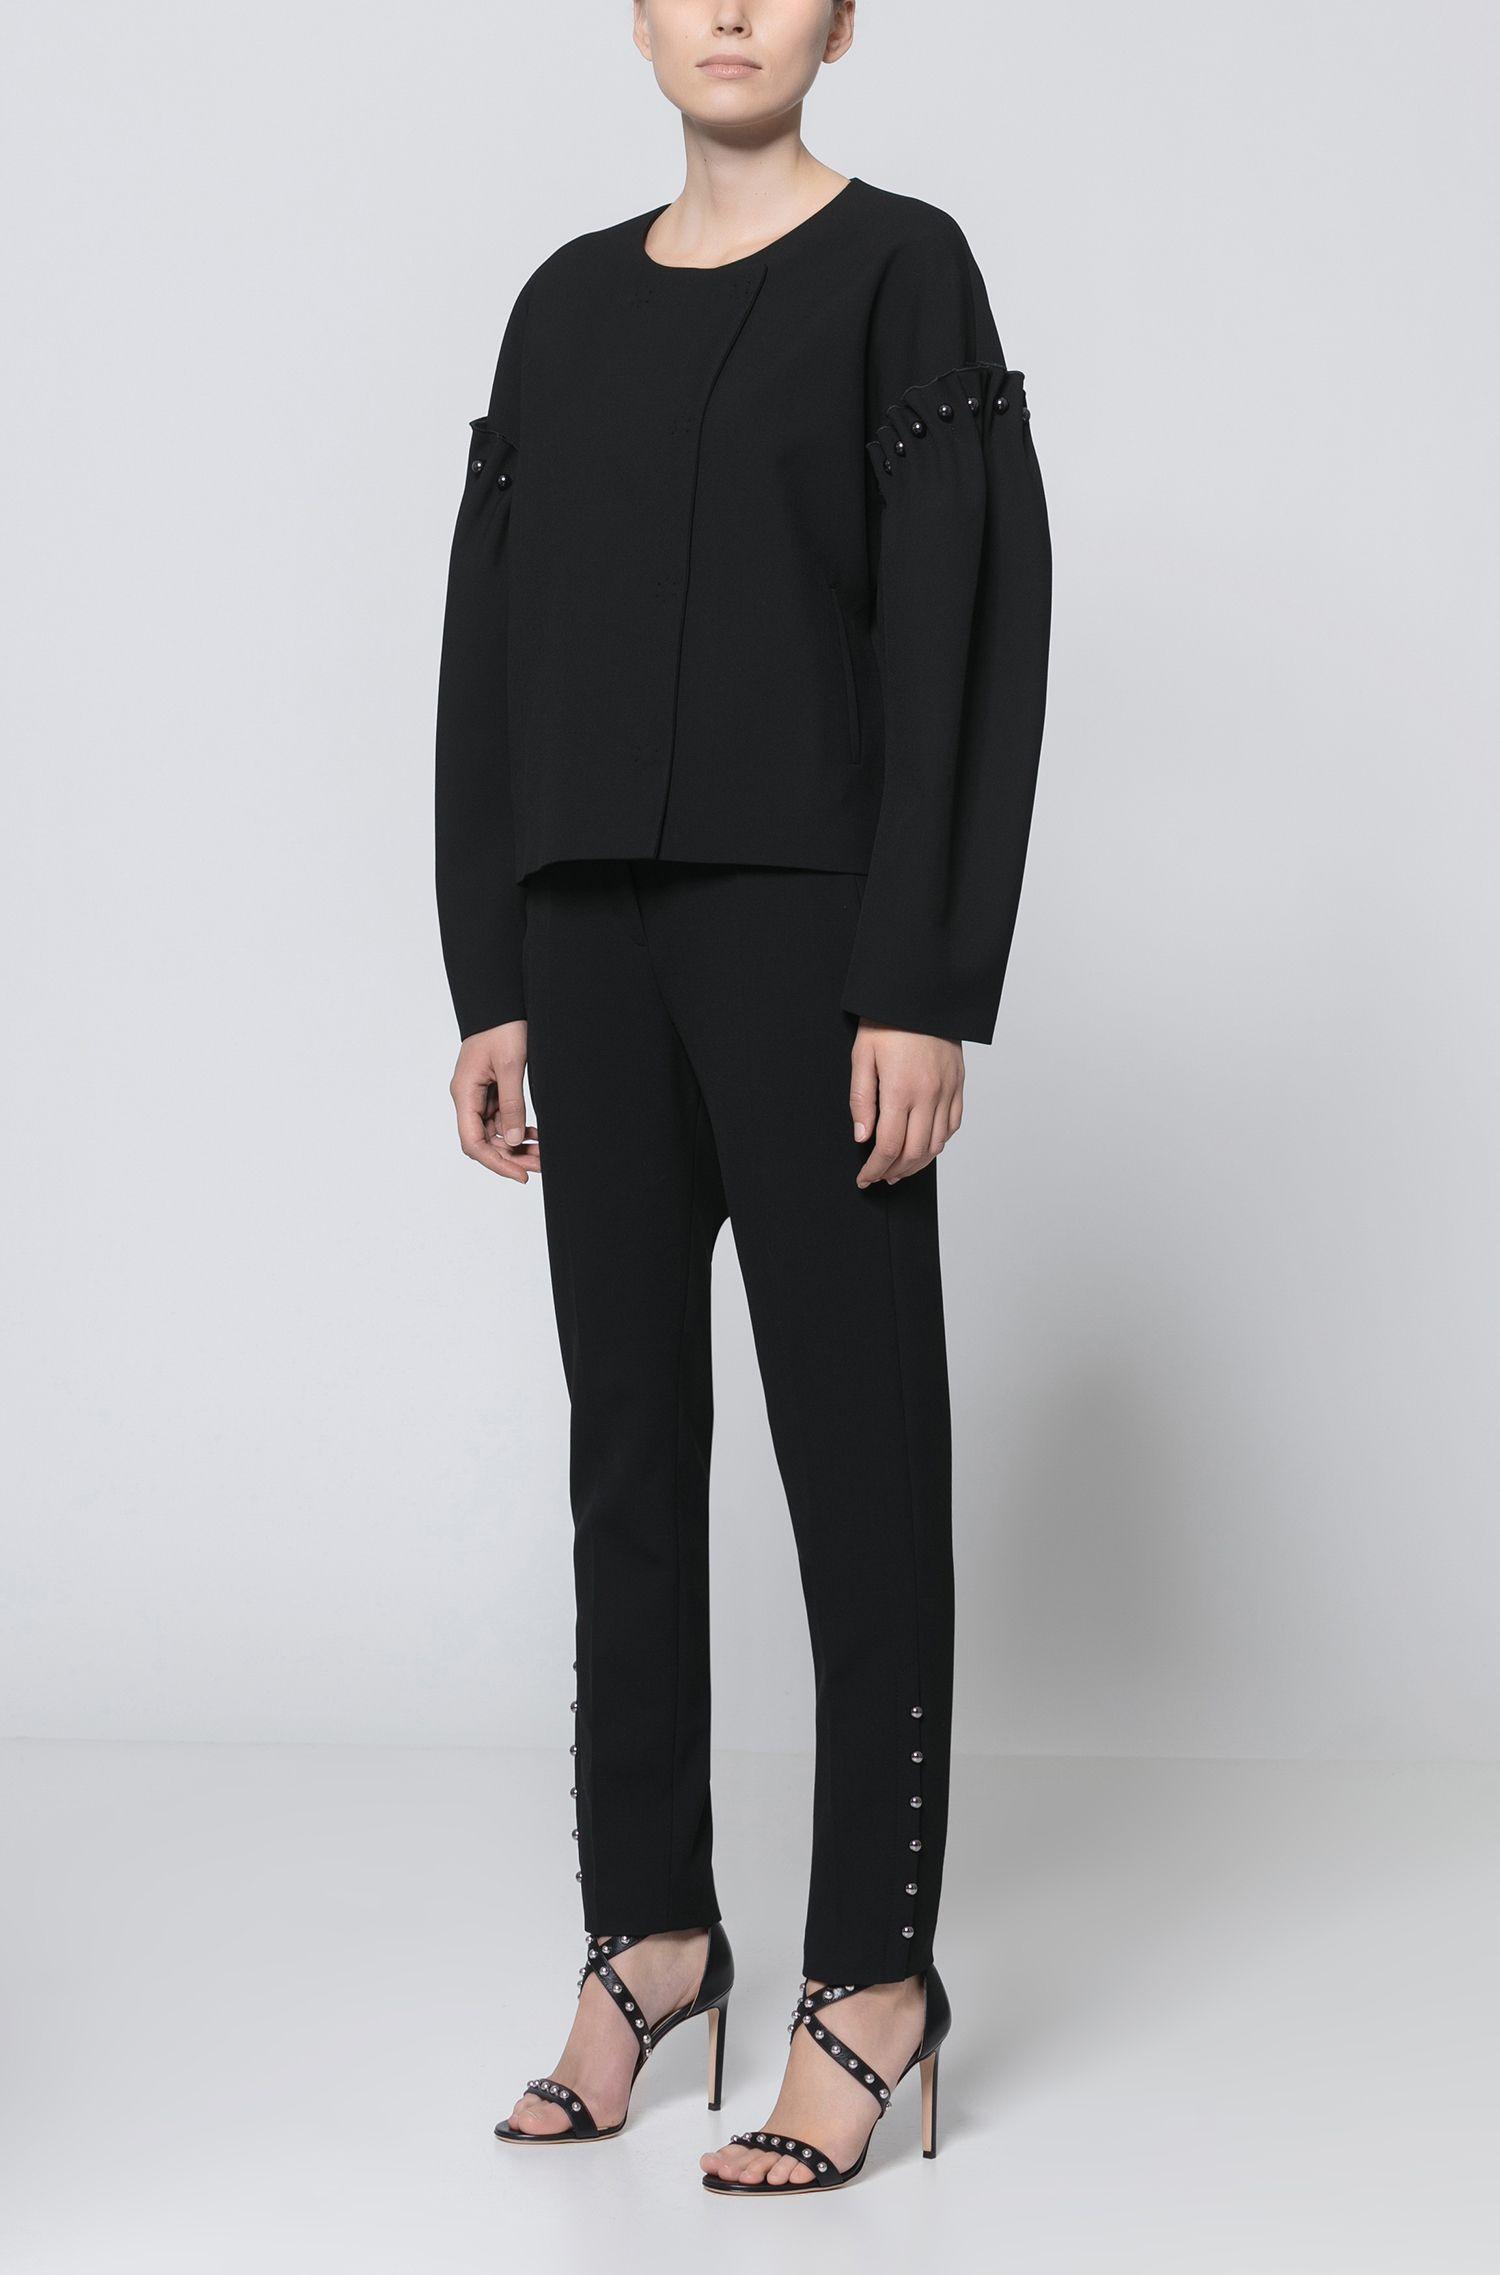 Verkürzte Slim-Fit Hose aus elastischem Material-Mix mit Baumwolle mit Perlen-Details